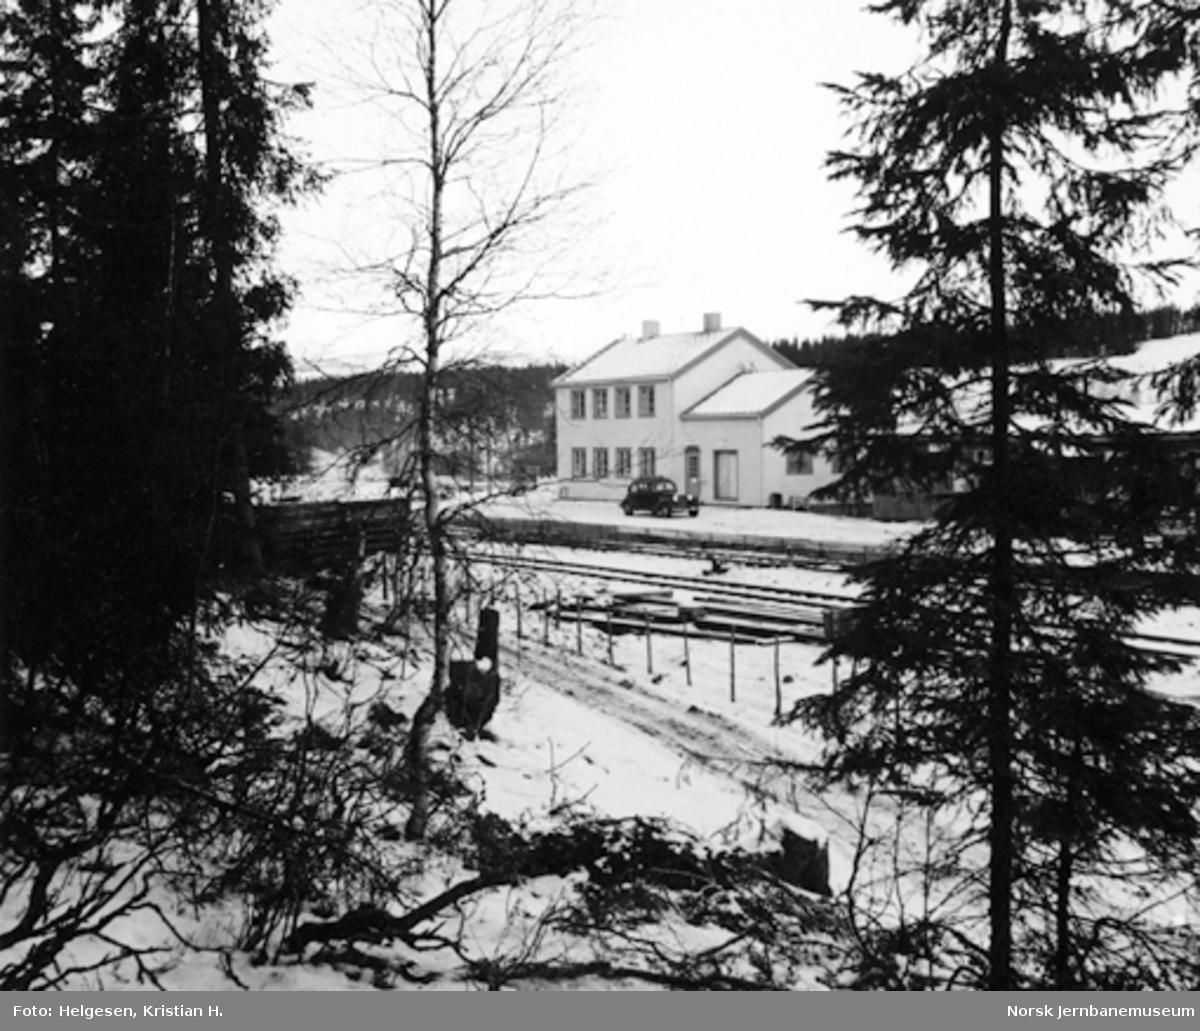 Grønfjelldal stasjon